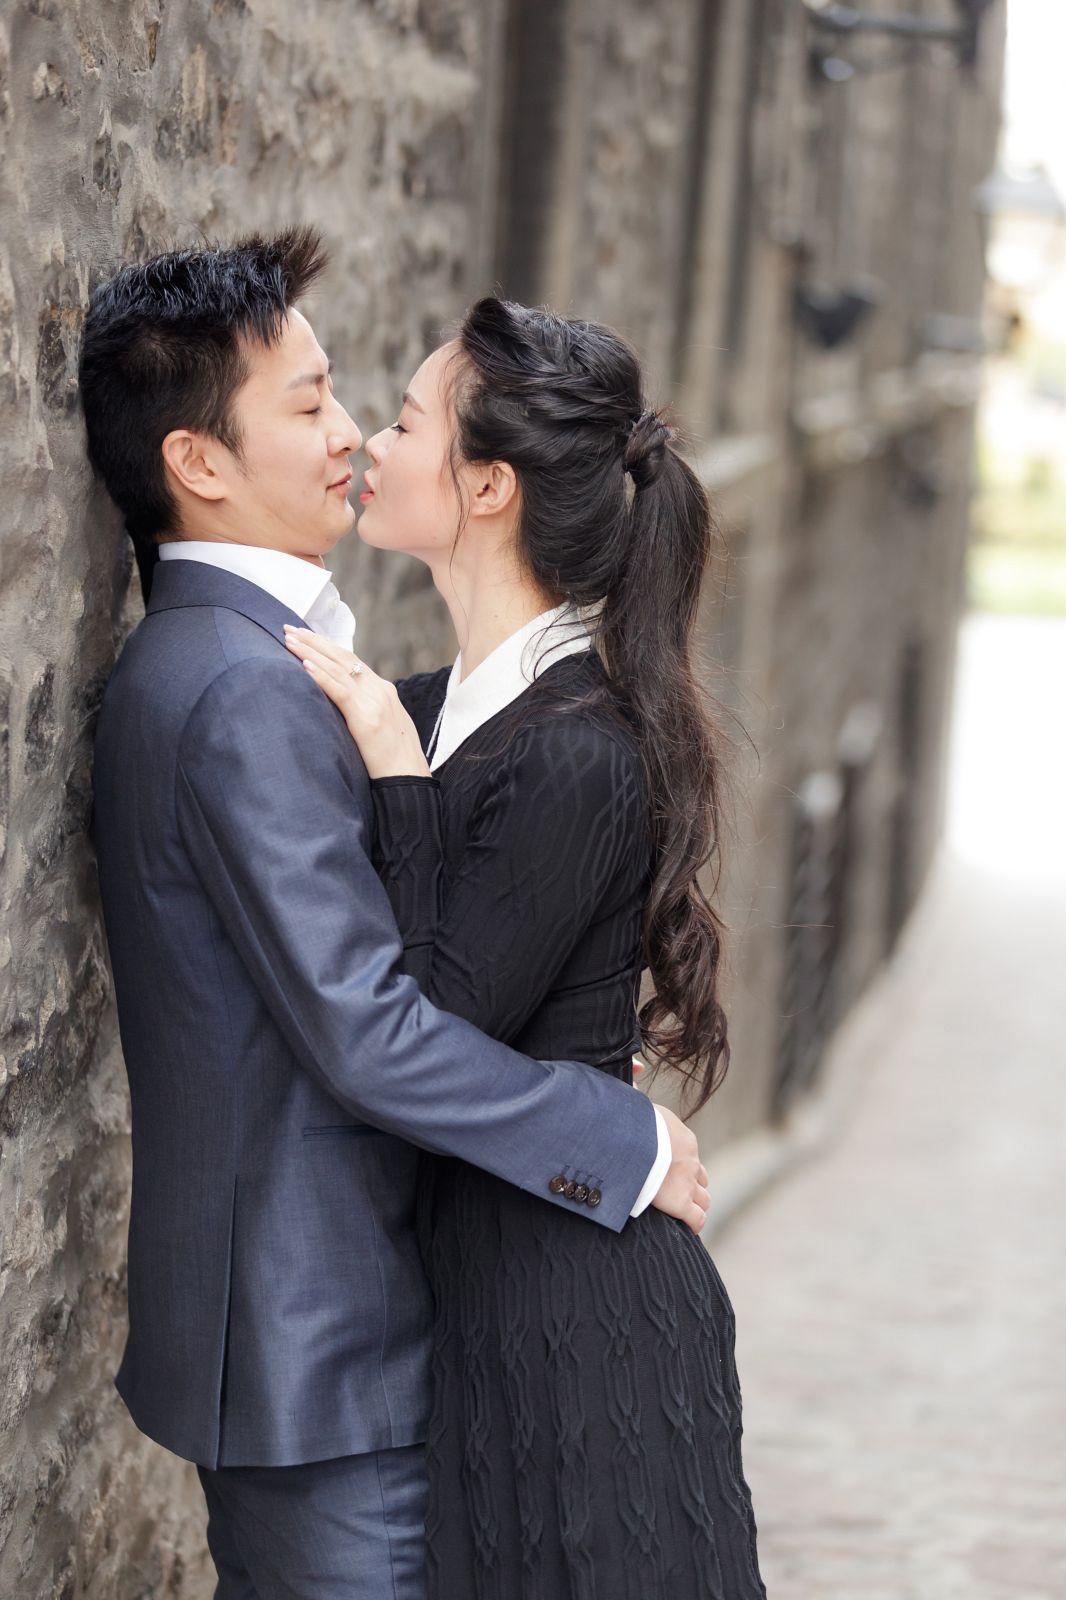 海外婚紗, 加拿大婚紗, 婚攝森森, 蒙特利爾婚紗, montreal wedding